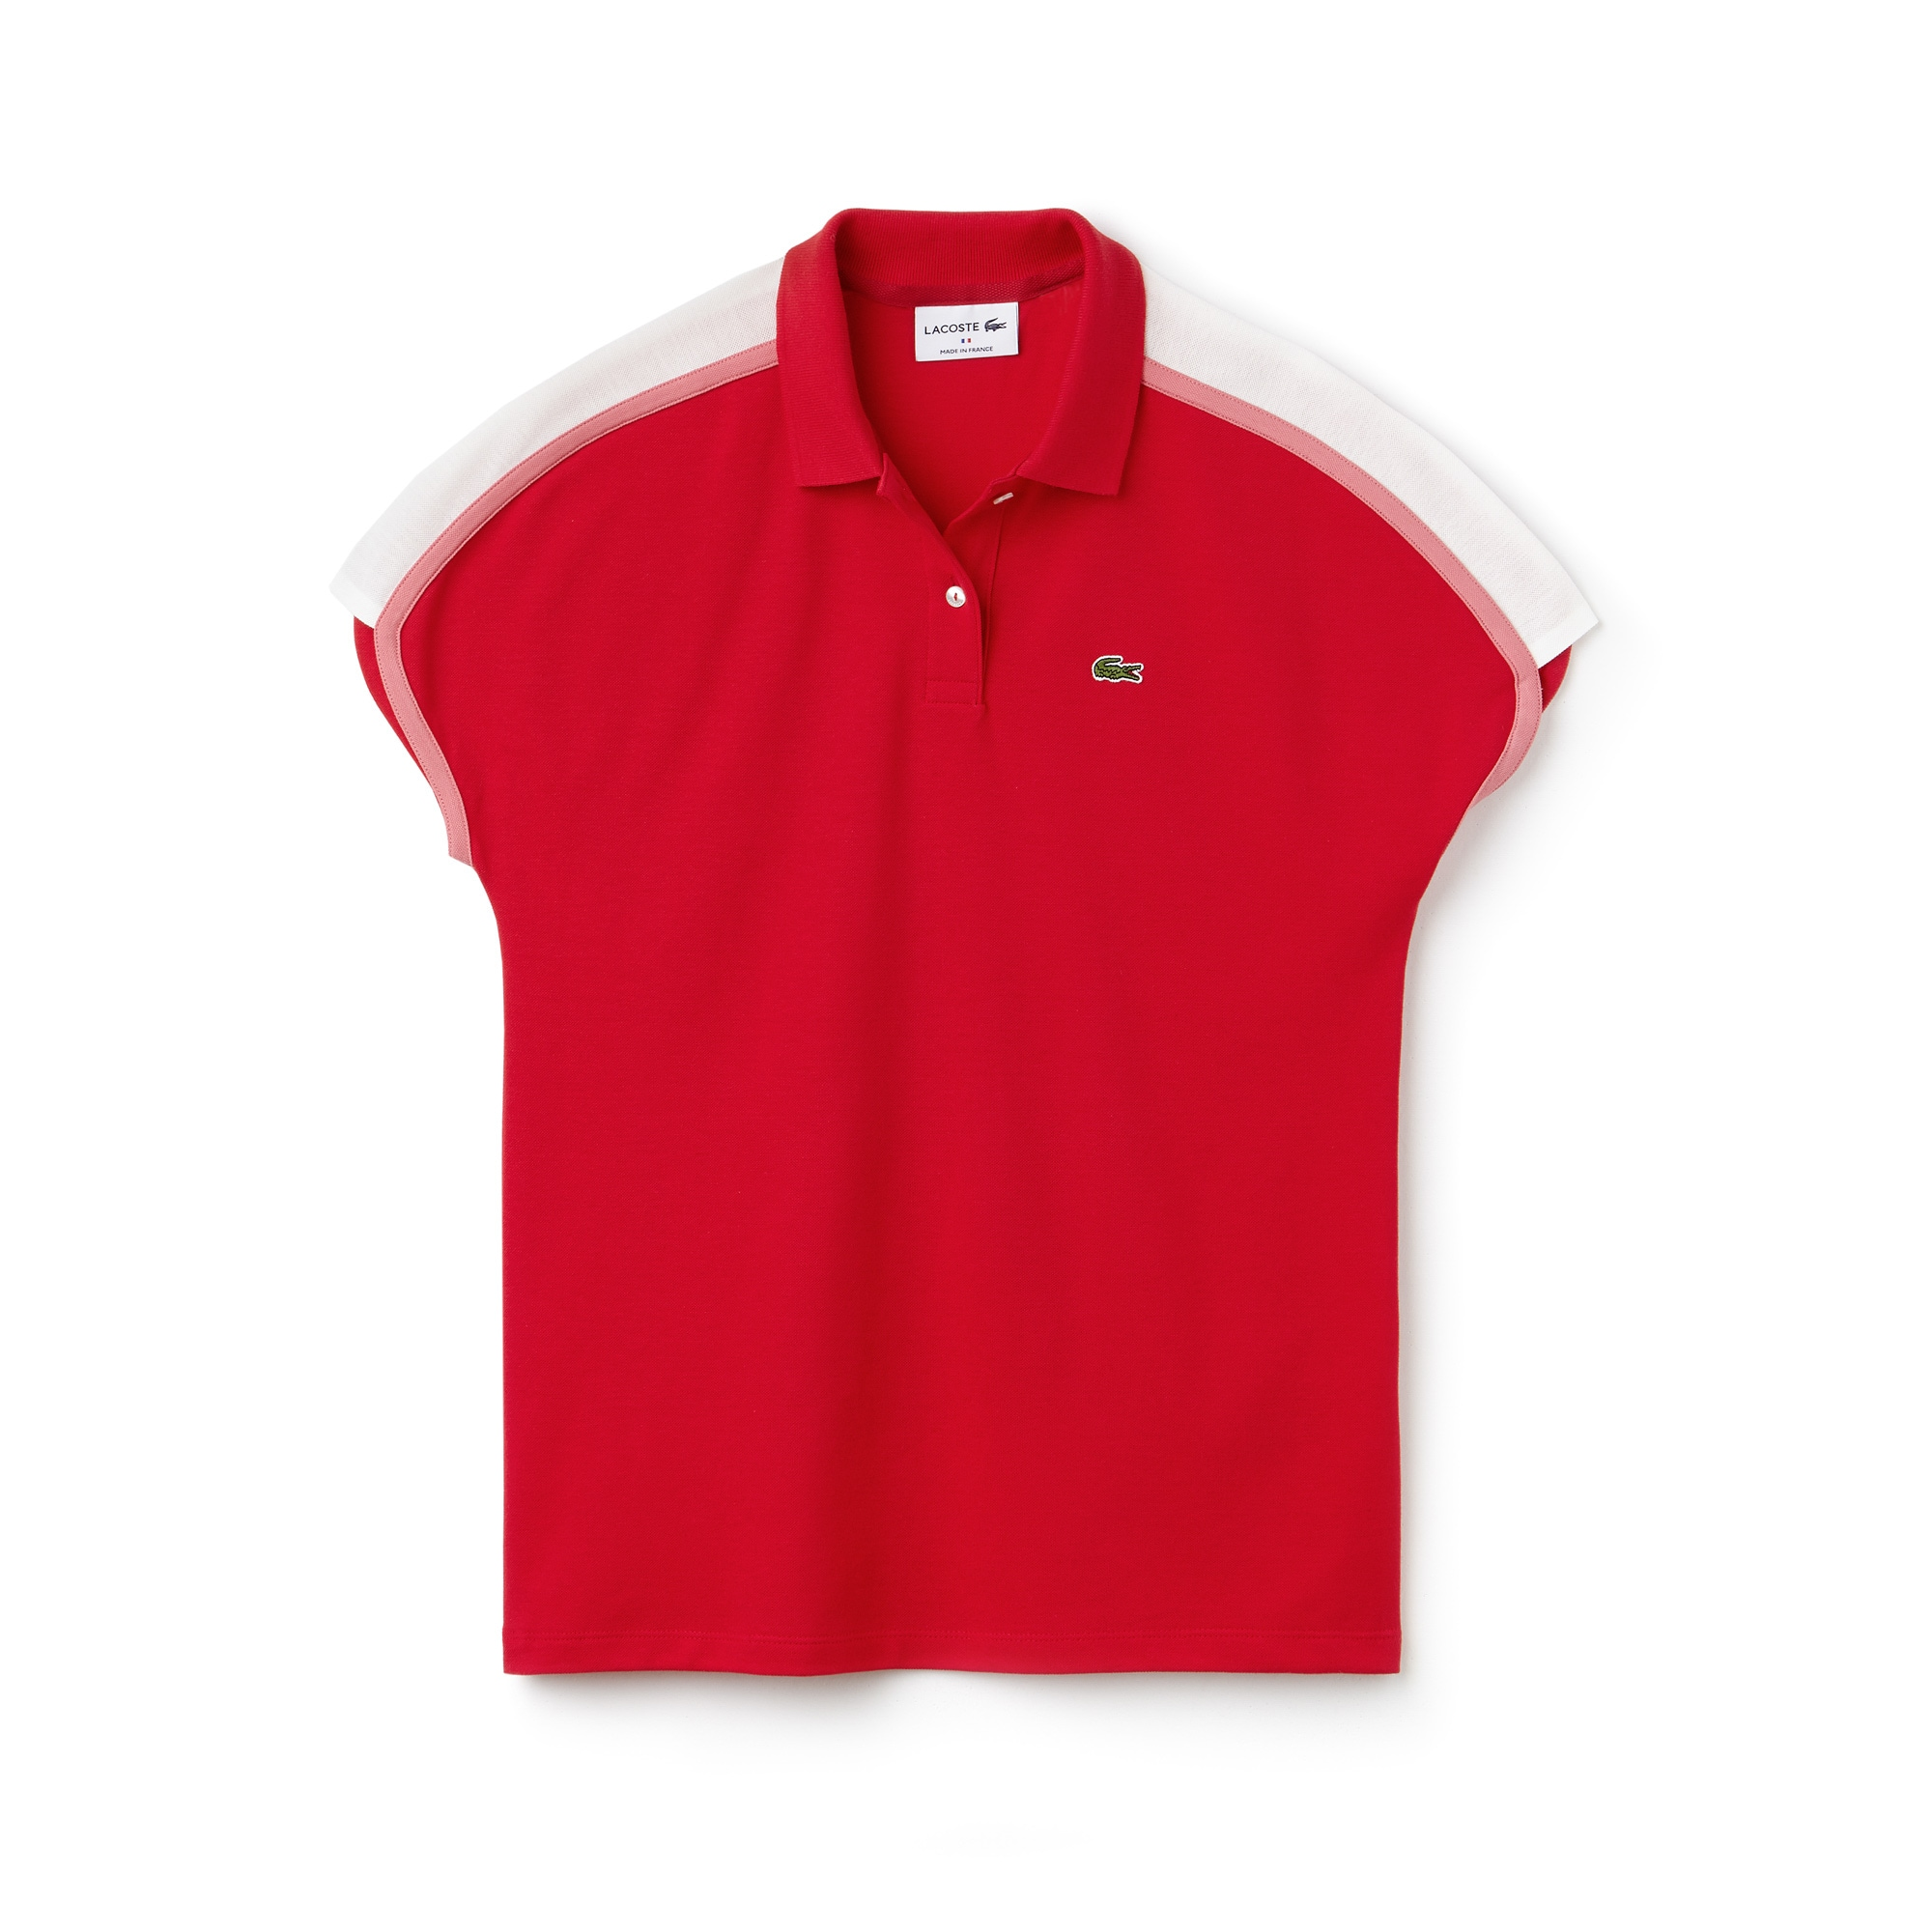 قميص بولو نسائي من مجموعة صُنع في فرنسا بتصميم ذي خطوط عرضية في ألوان متصادمة بخامة كريب بيكيه